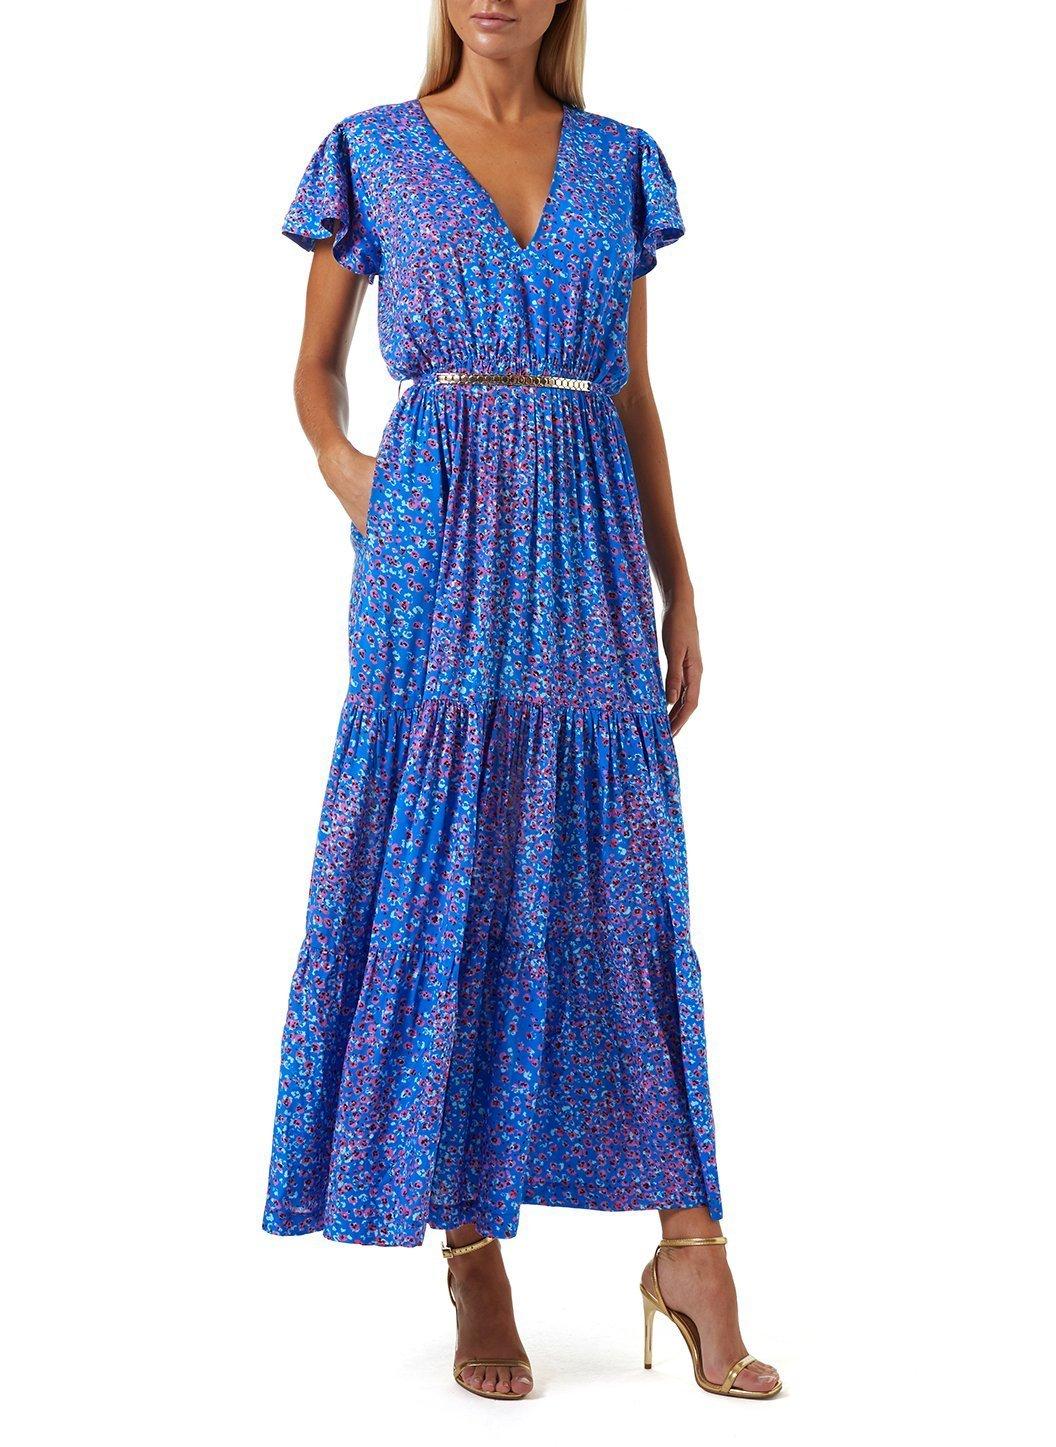 Bluejay_Petal_Dress_F_1056x.progressive